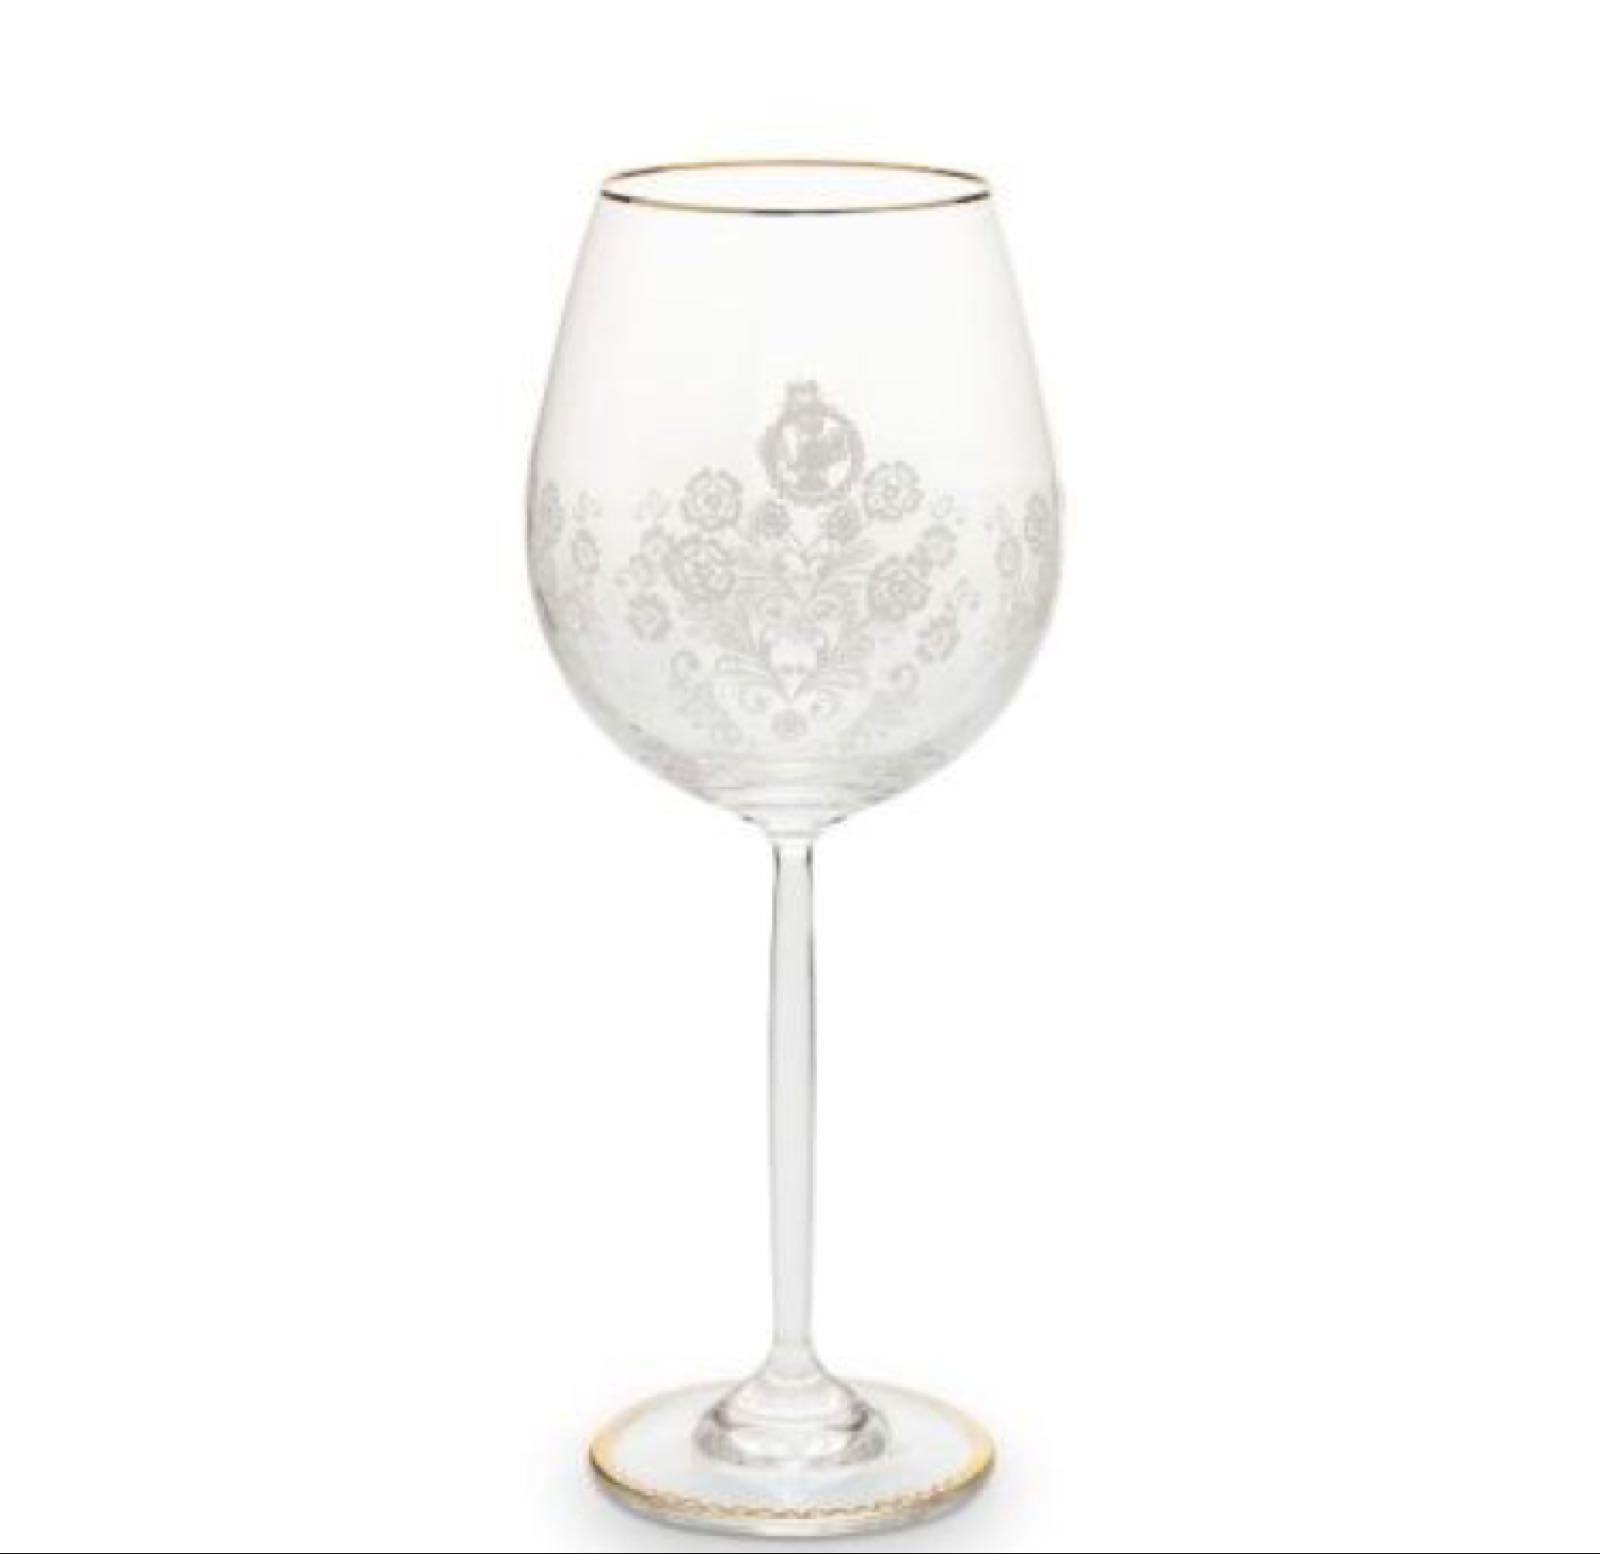 Pip studio wine glass